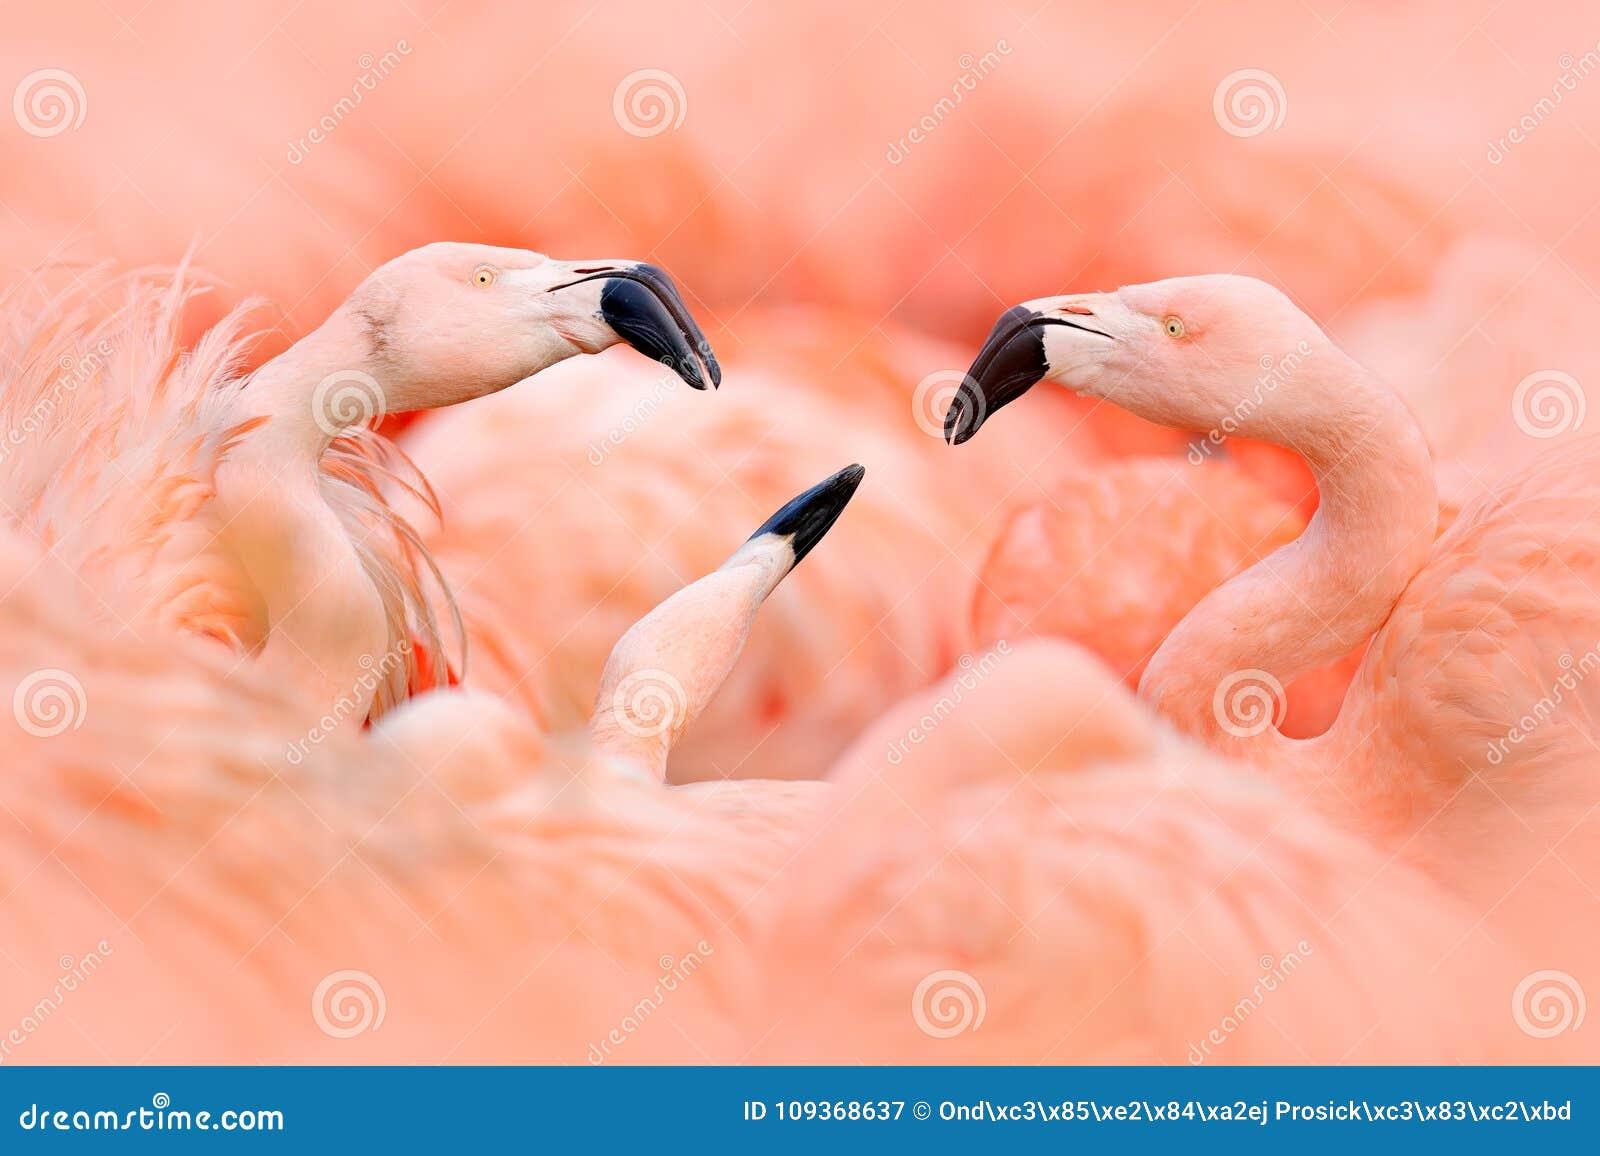 Flaningo战斗 美国火鸟, Phoenicopterus rubernice,桃红色大鸟,跳舞在水中,动物在自然栖所,古巴,